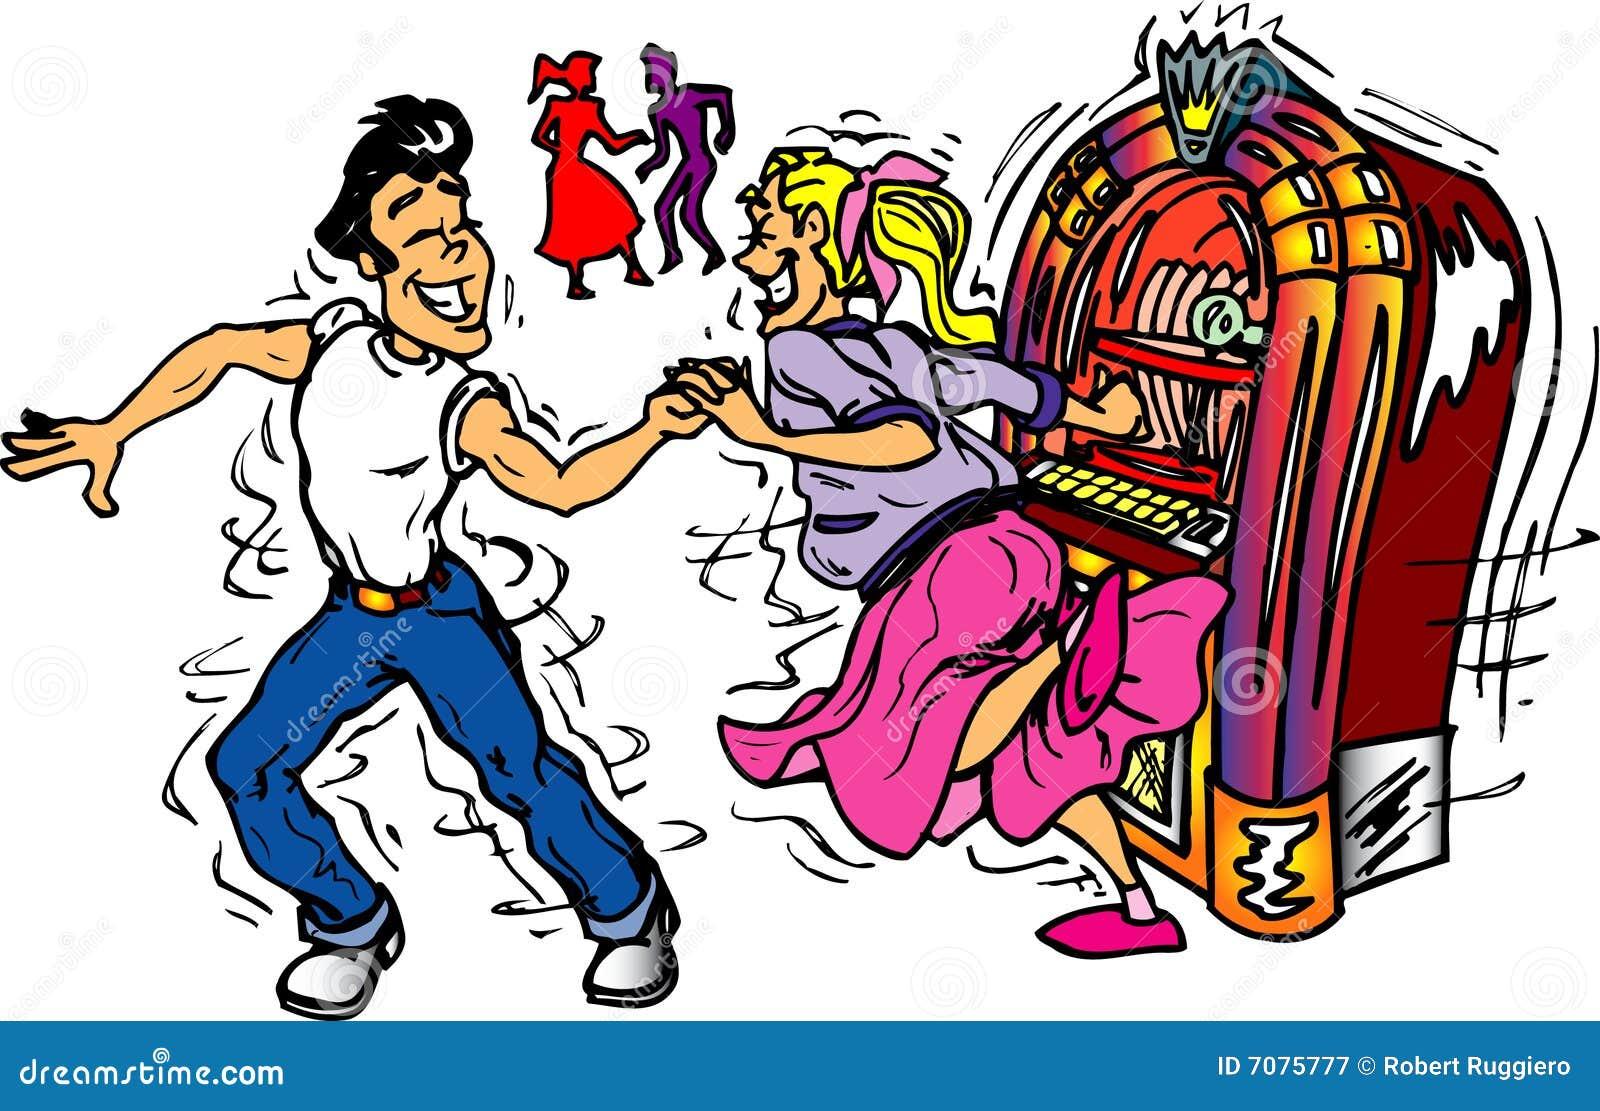 Brooke Burke amp Derek Hough dancing the Jitterbug